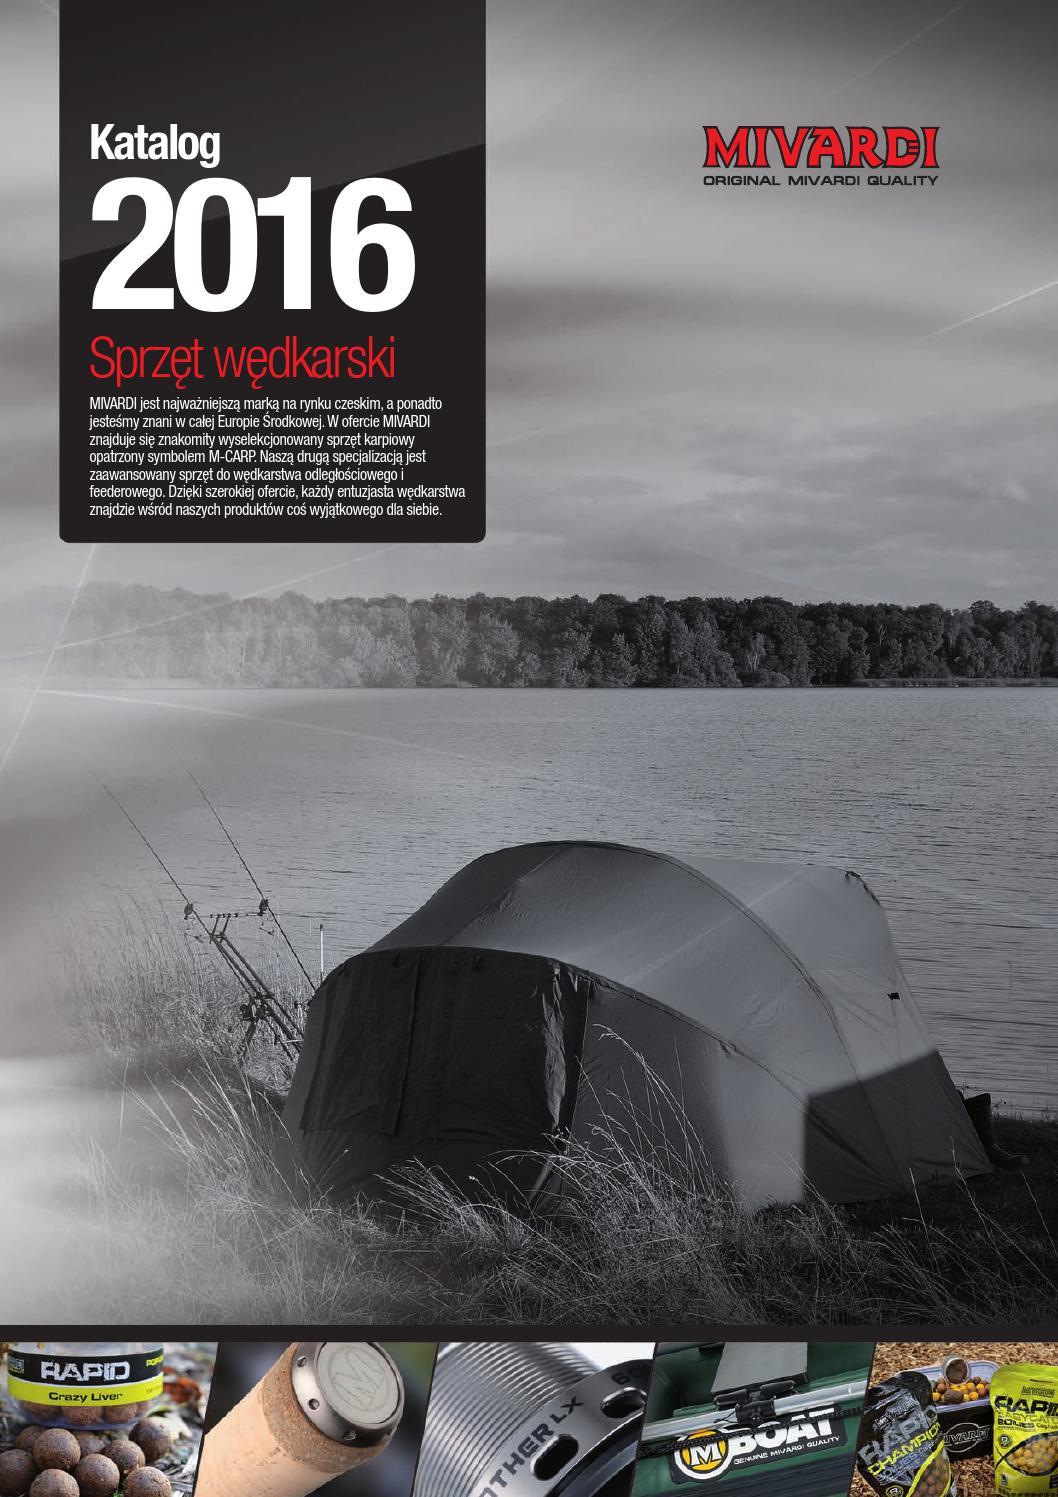 Catalogue Mivardi 2016 Poland by Mivardi issuu